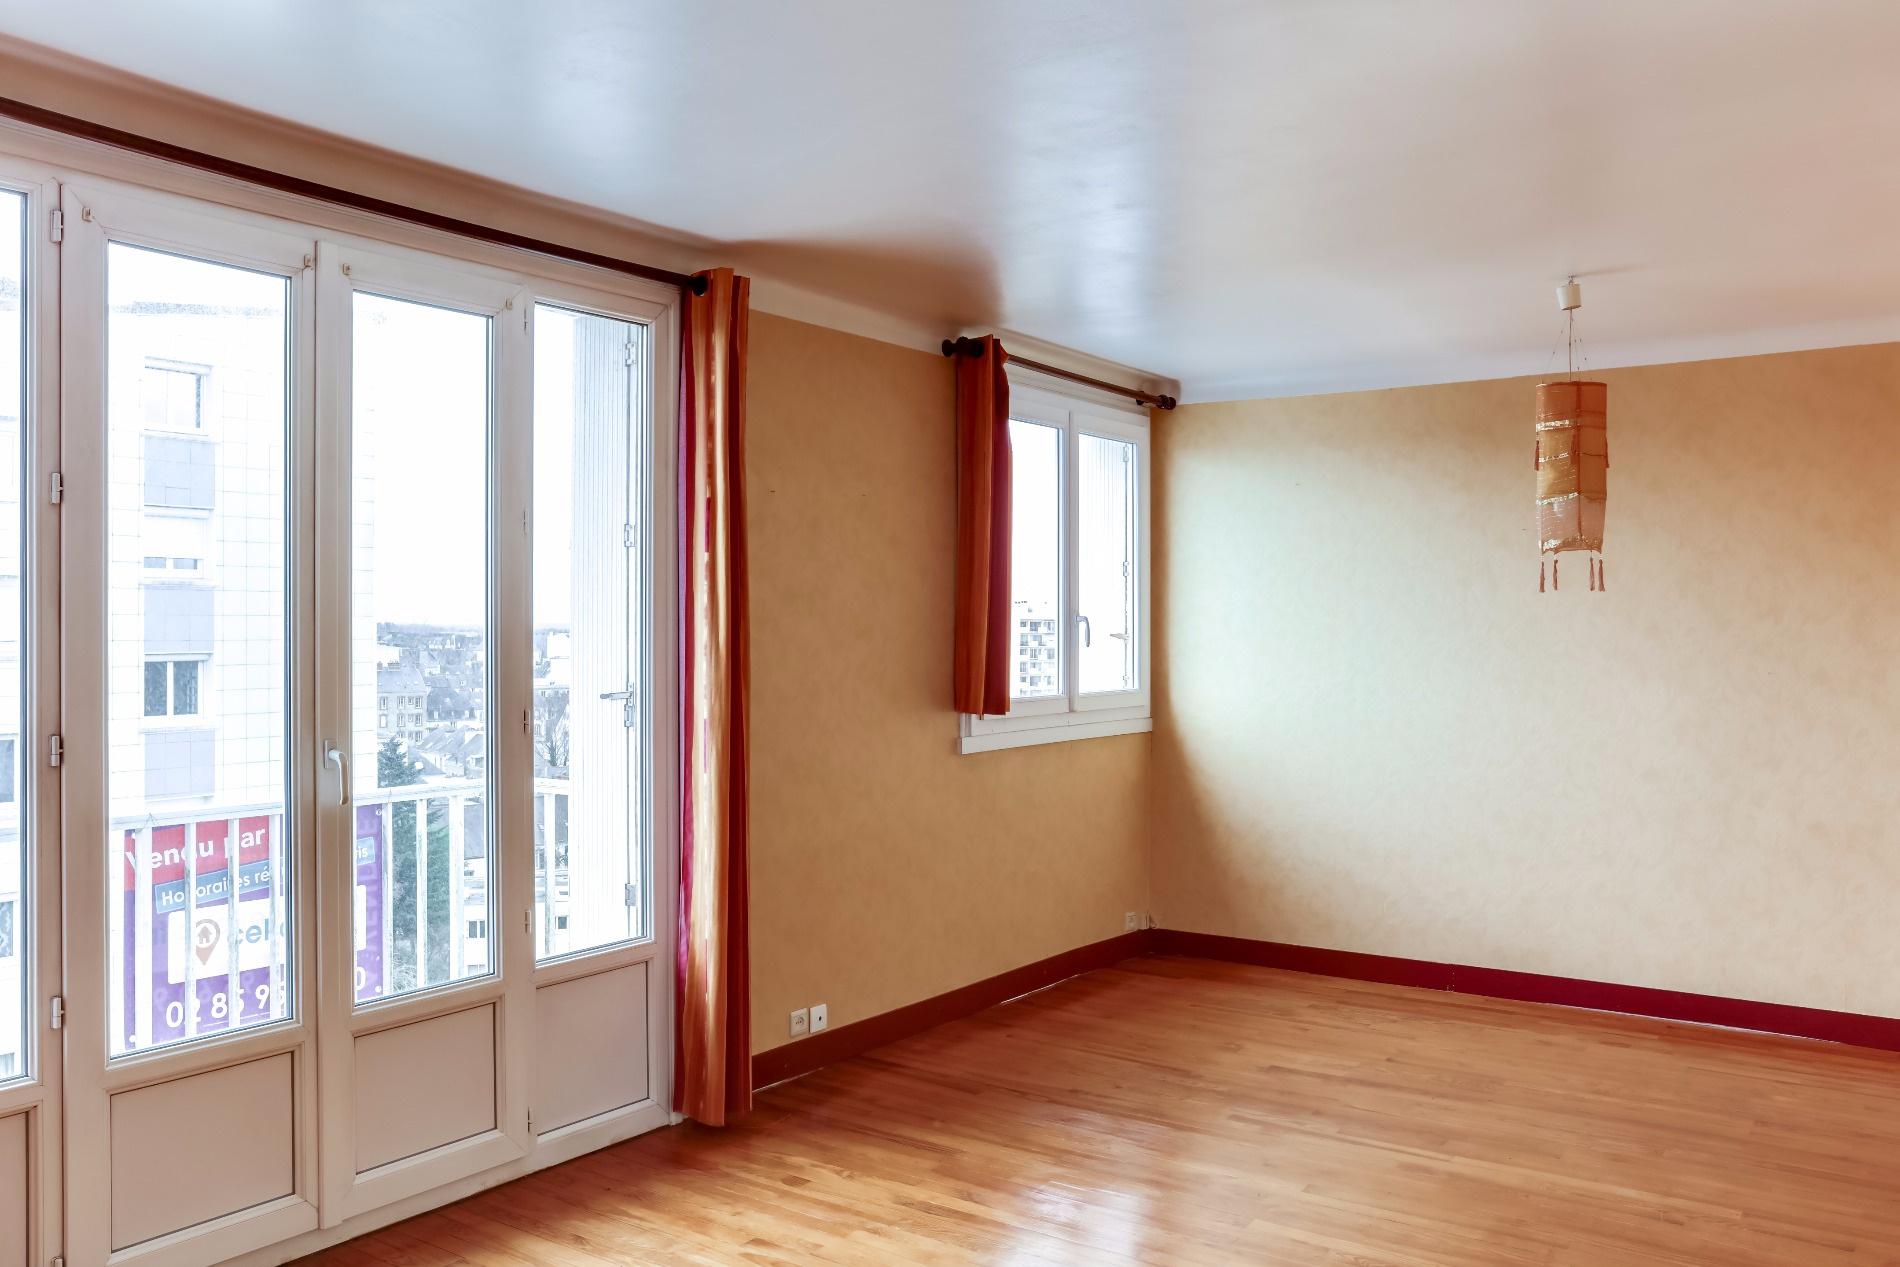 Appartement T2 Palais des Arts Vannes séjour 2